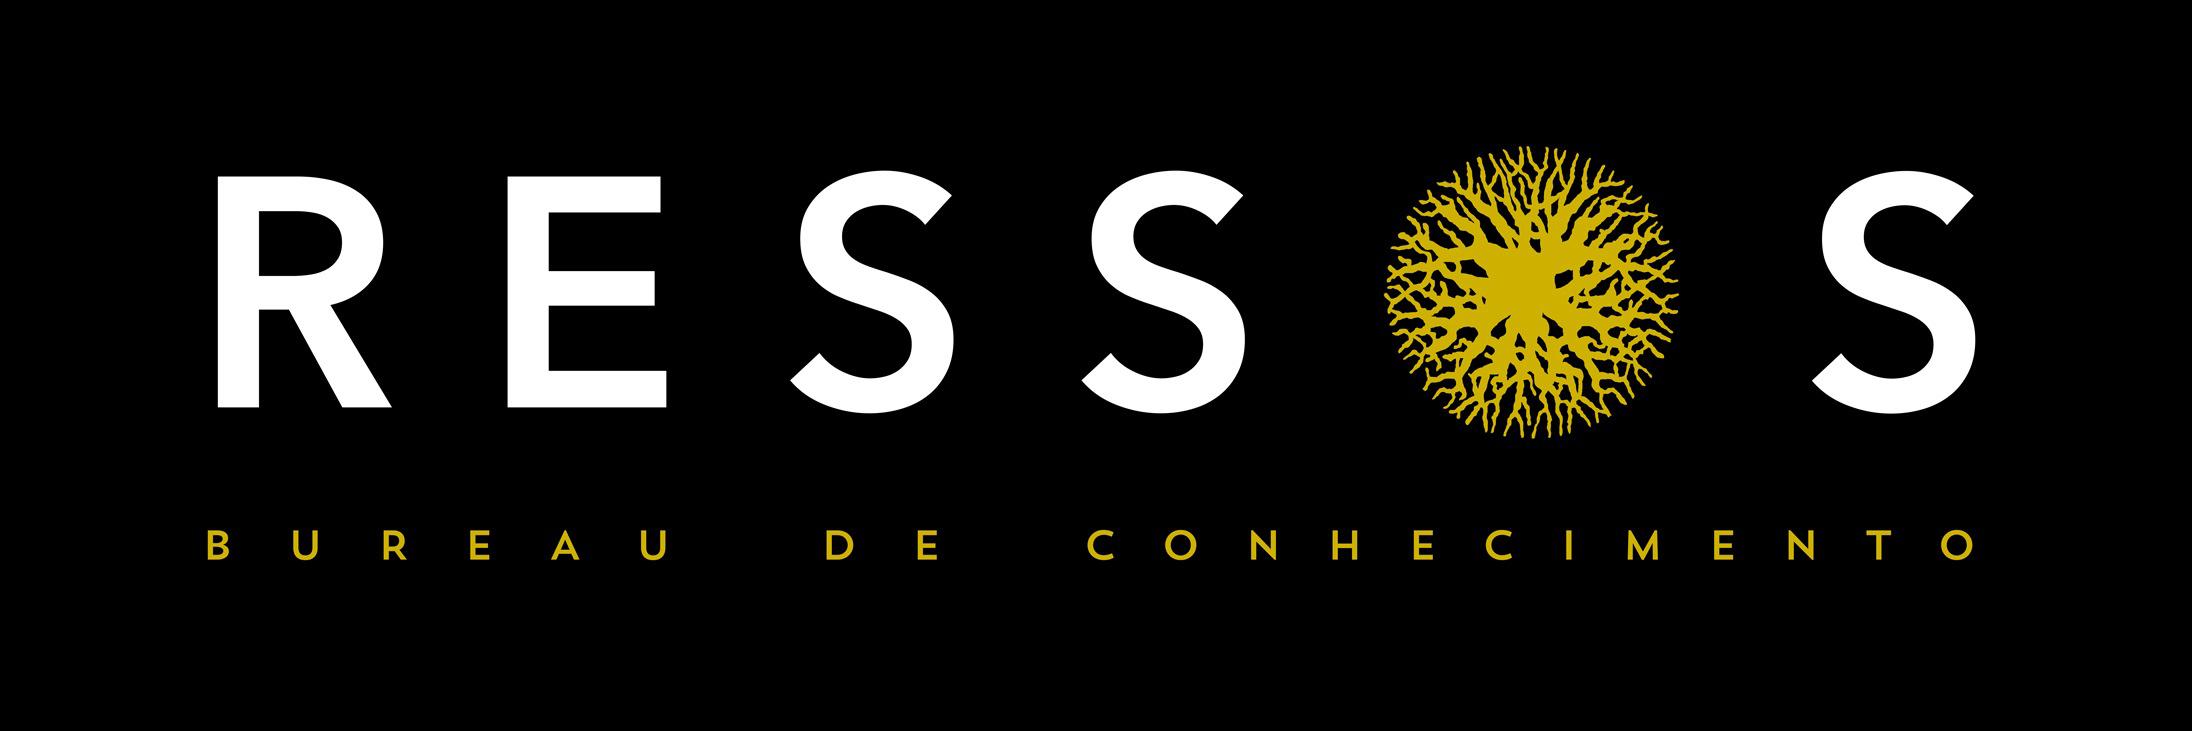 RESSOS_logo